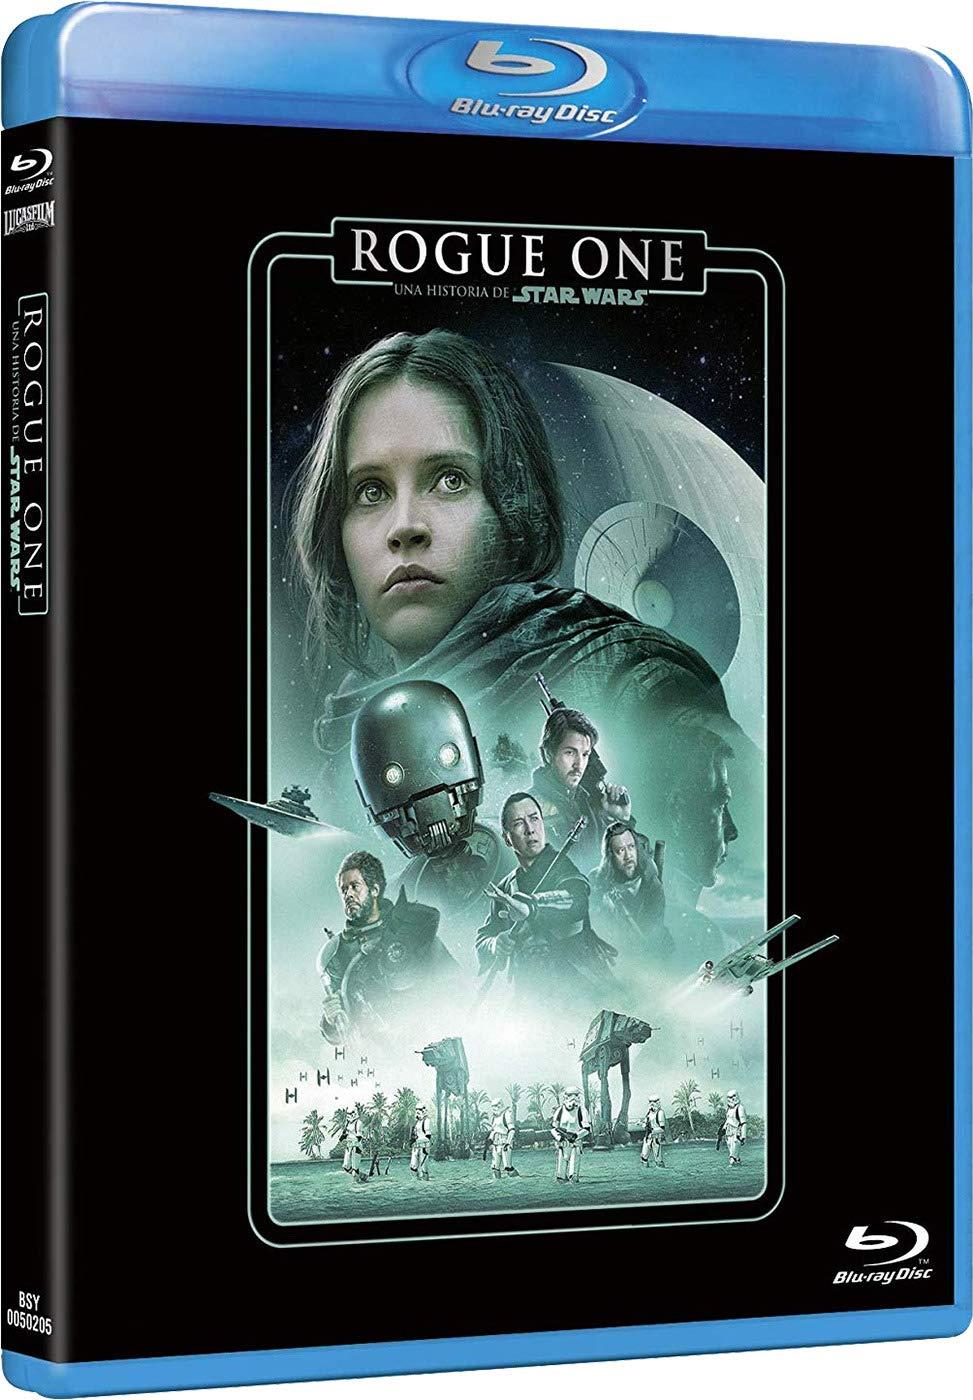 Rogue One: Una historia de Star Wars Edición remasterizada 2 discos película + extras Blu-ray: Amazon.es: Felicity Jones, Diego Luna, Alan Tudyk, Gareth Edwards, Felicity Jones, Diego Luna, Kathleen Kennedy, Allison Shearmur,